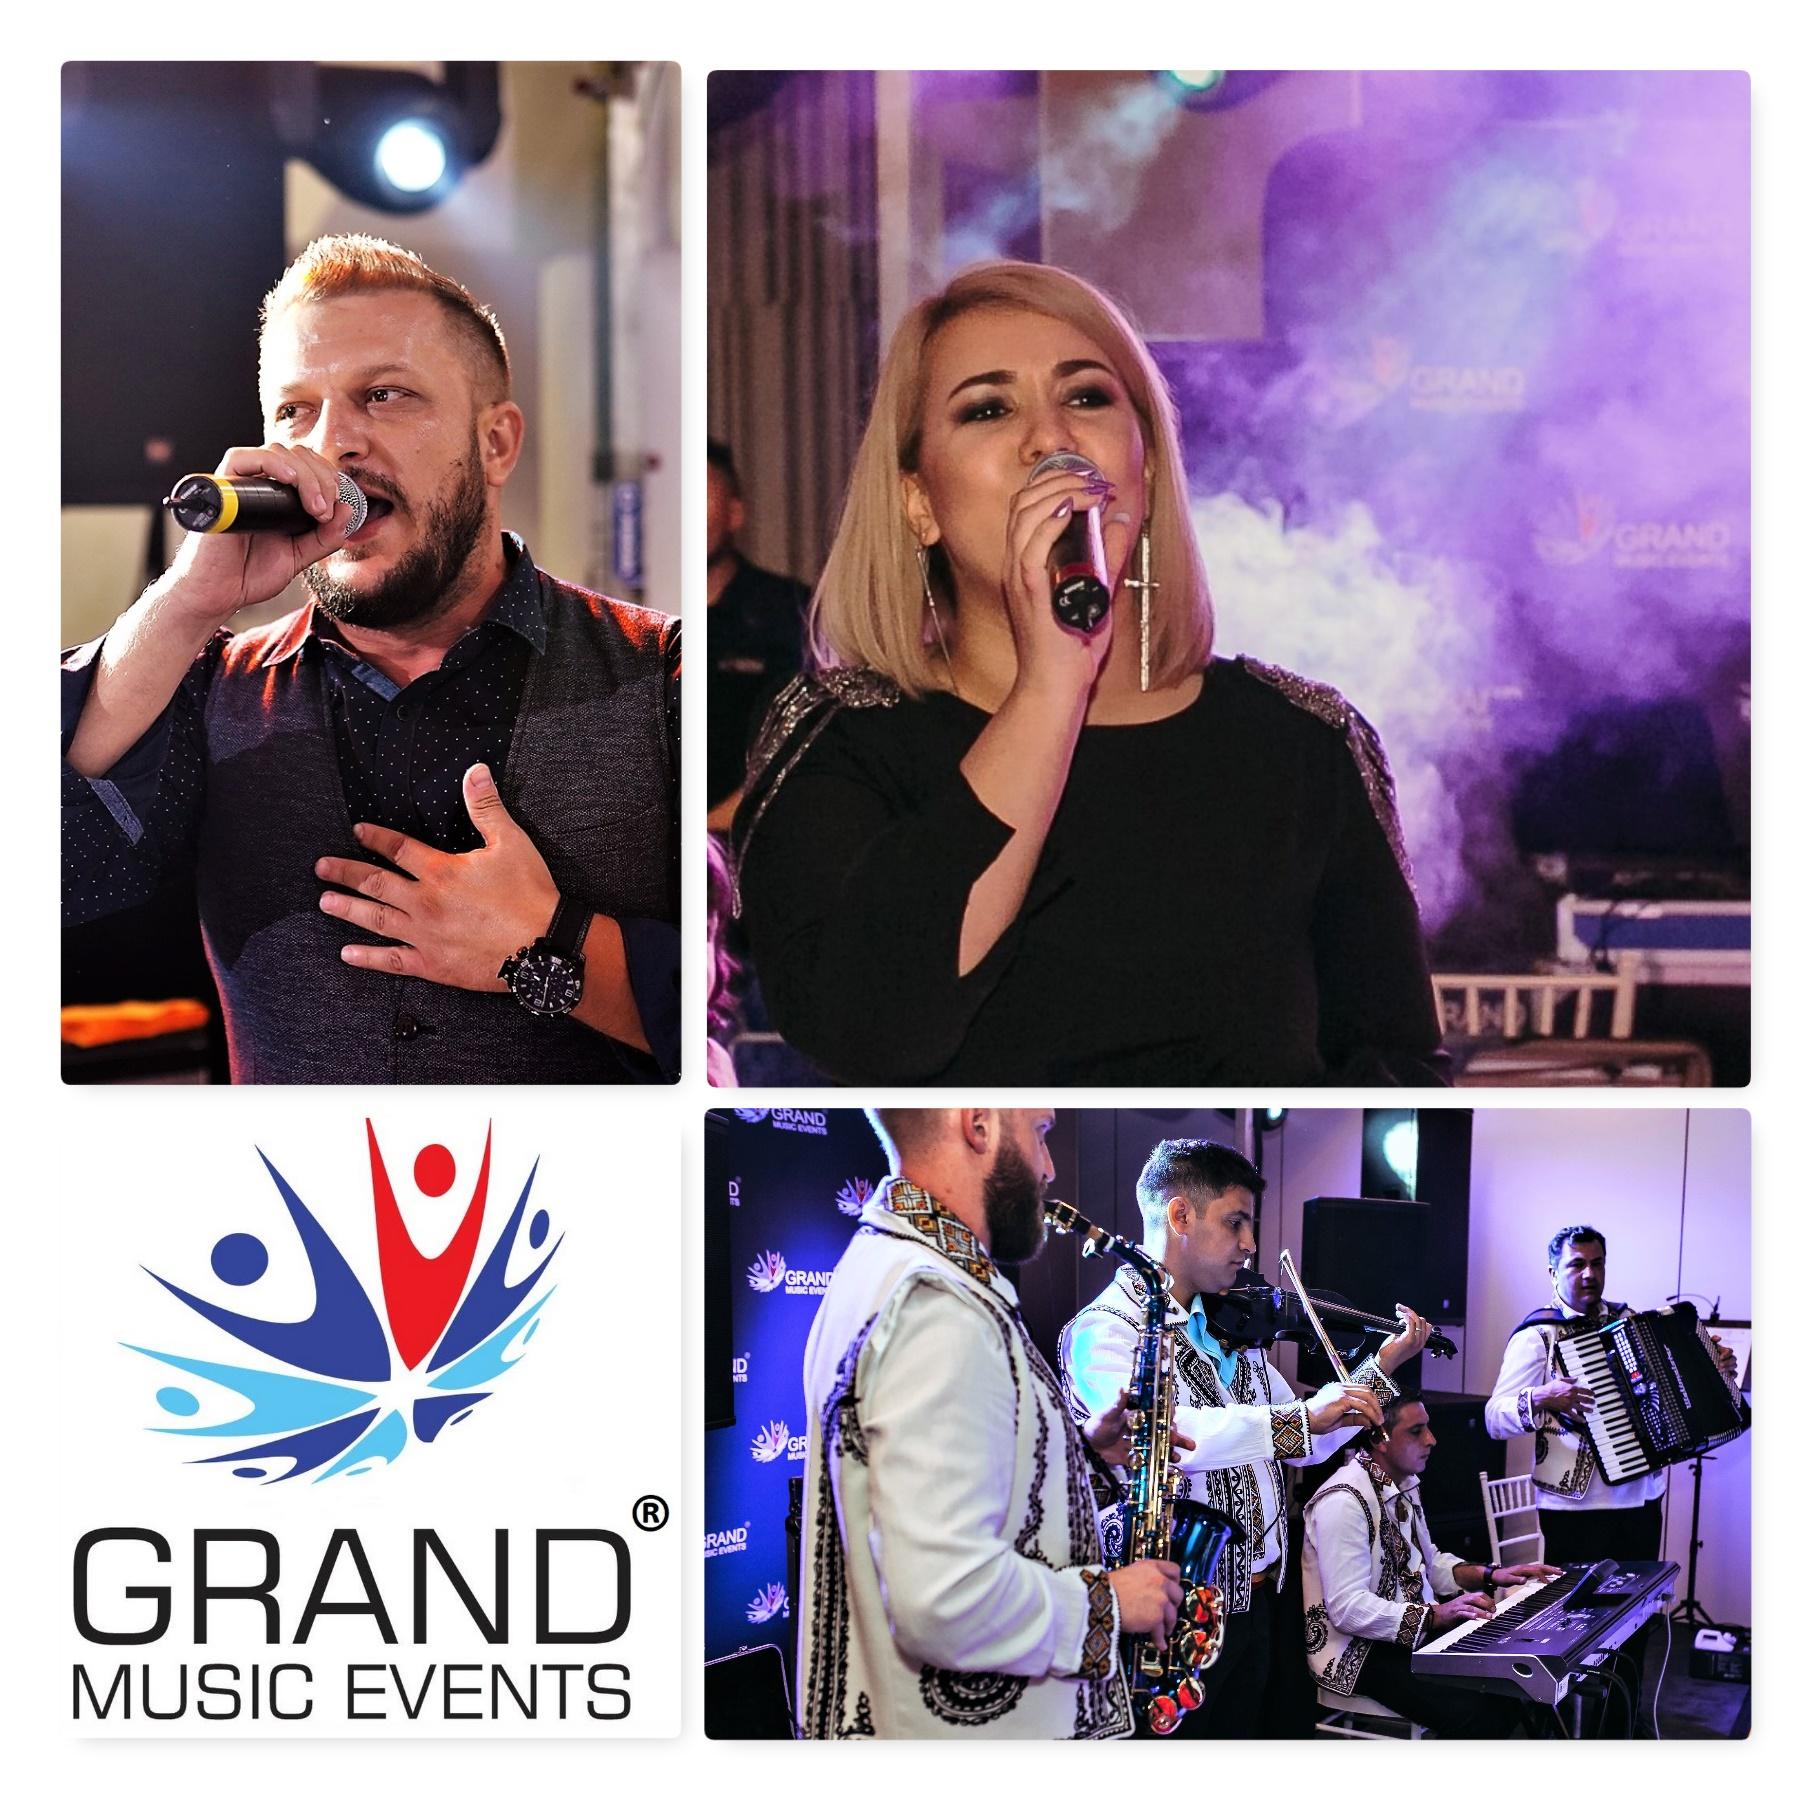 Da tonul petrecerii de nunta cu formatia Grand Music Events din Bucuresti